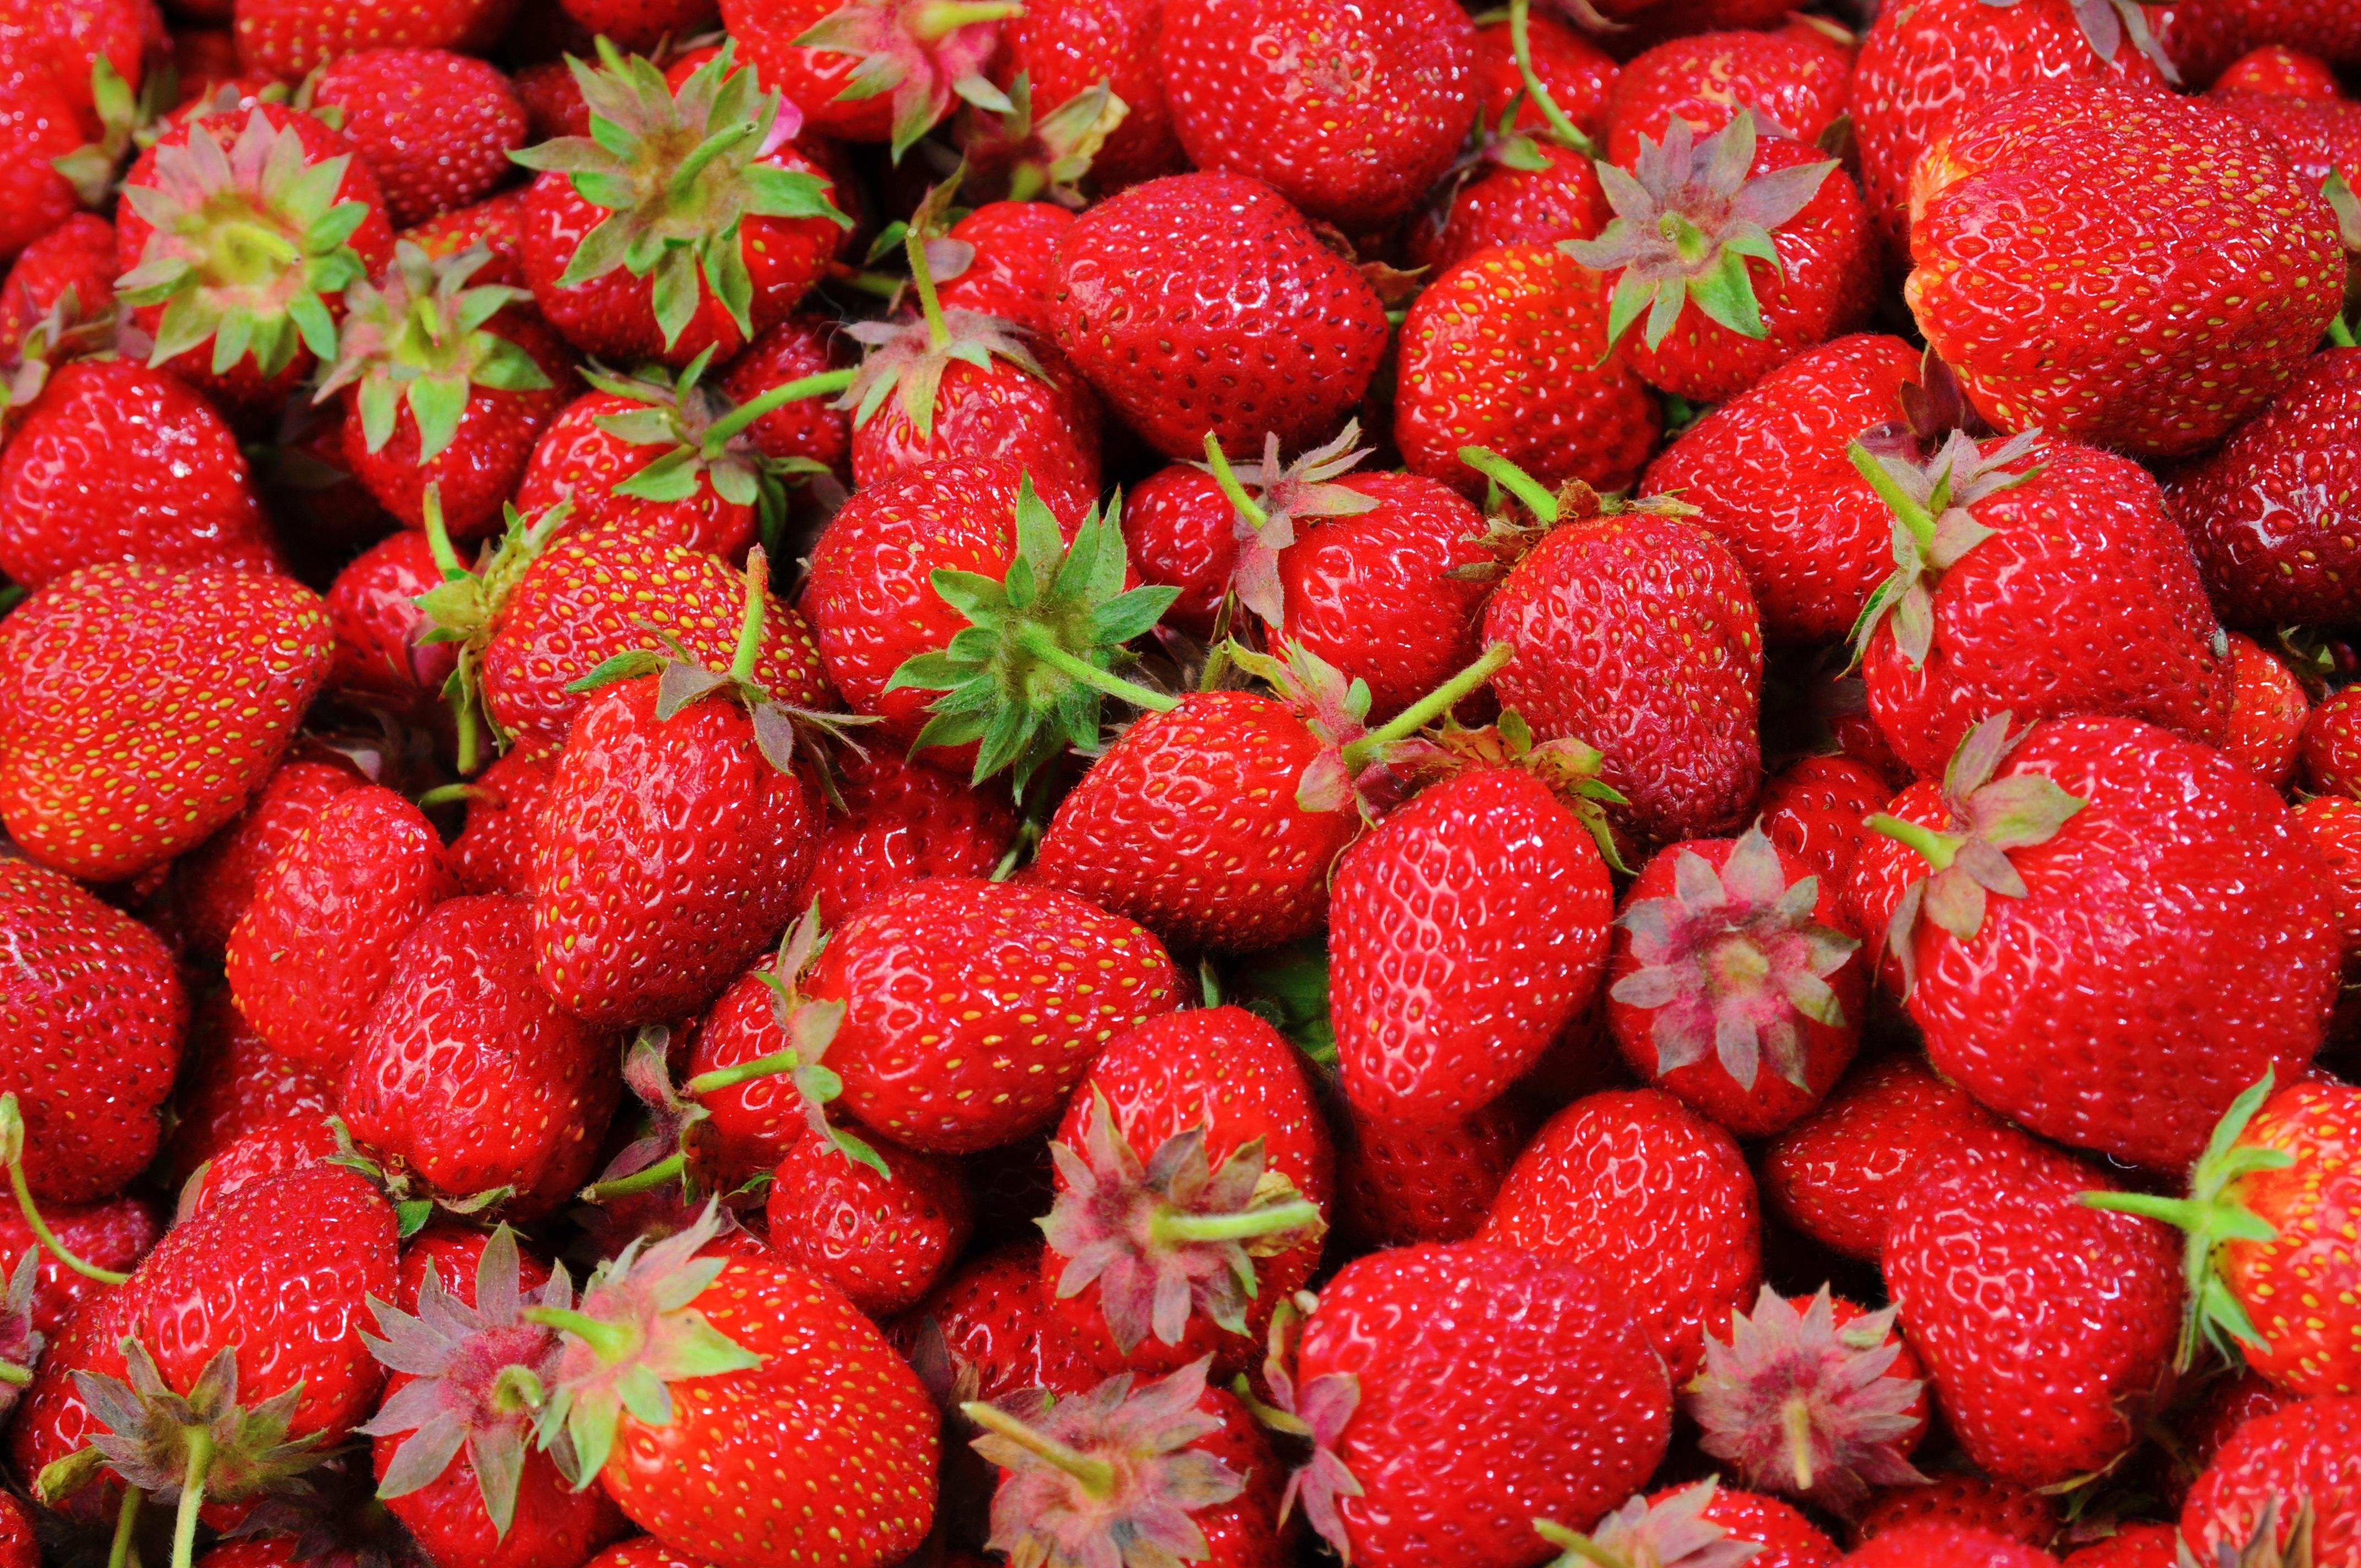 91851 Hintergrundbild herunterladen Erdbeere, Lebensmittel, Berries, Reif - Bildschirmschoner und Bilder kostenlos